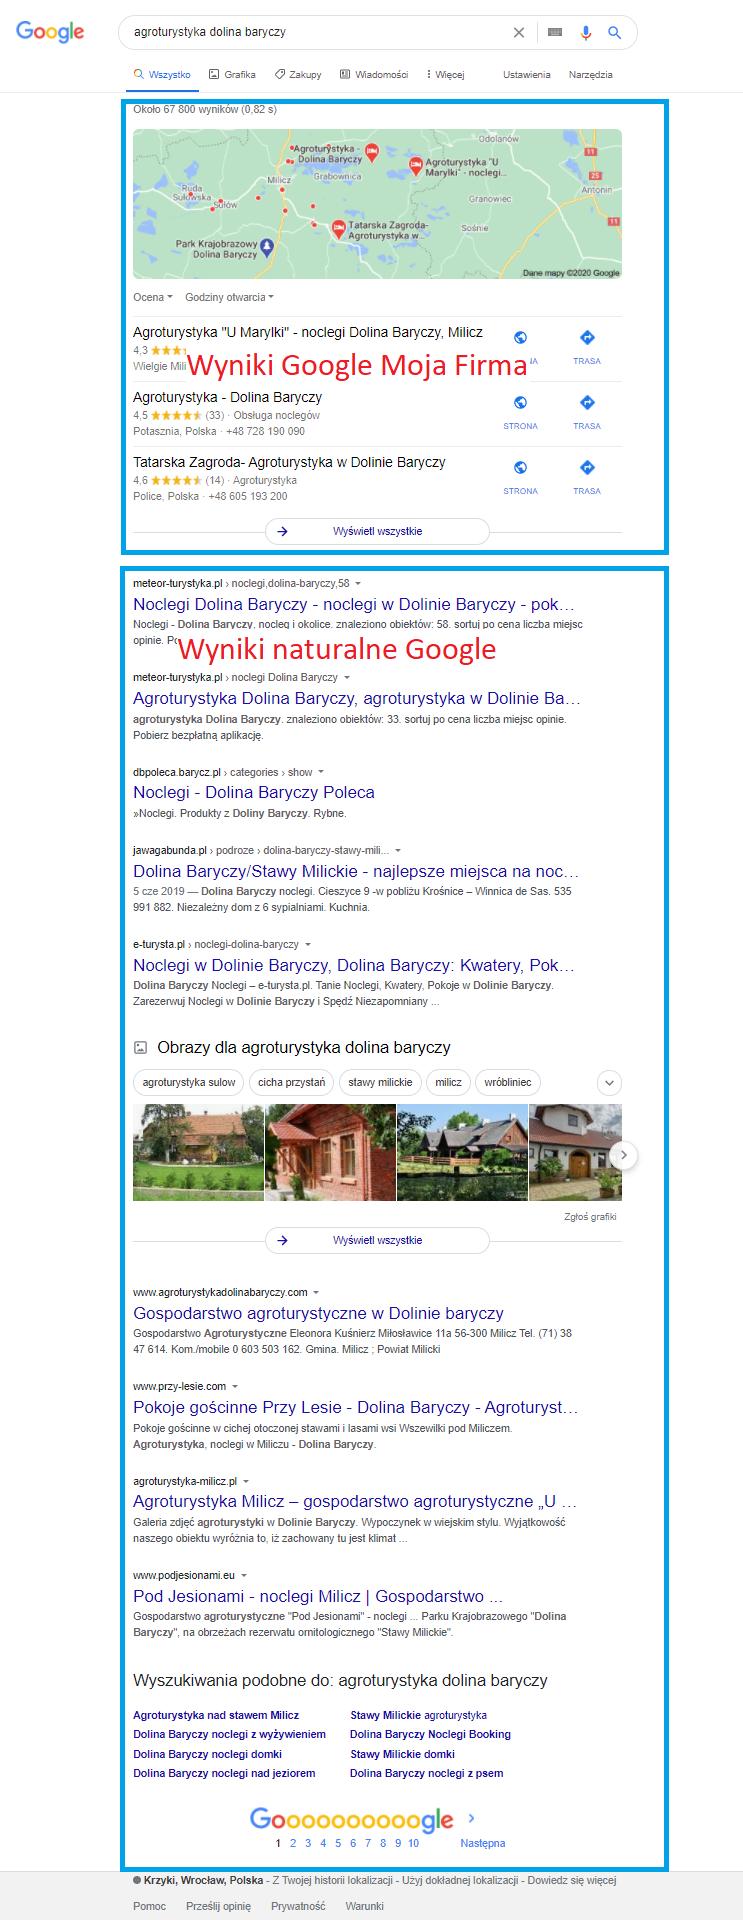 Wyniki naturalne dla frazy Agroturystyka Dolina Baryczy nad mimi wyniki Google Moja Firma a poniżej wyniki naturalne czyli lista stron, które są wypozycjonowane pod kątem frazy  Agroturystyka Dolina Baryczy.